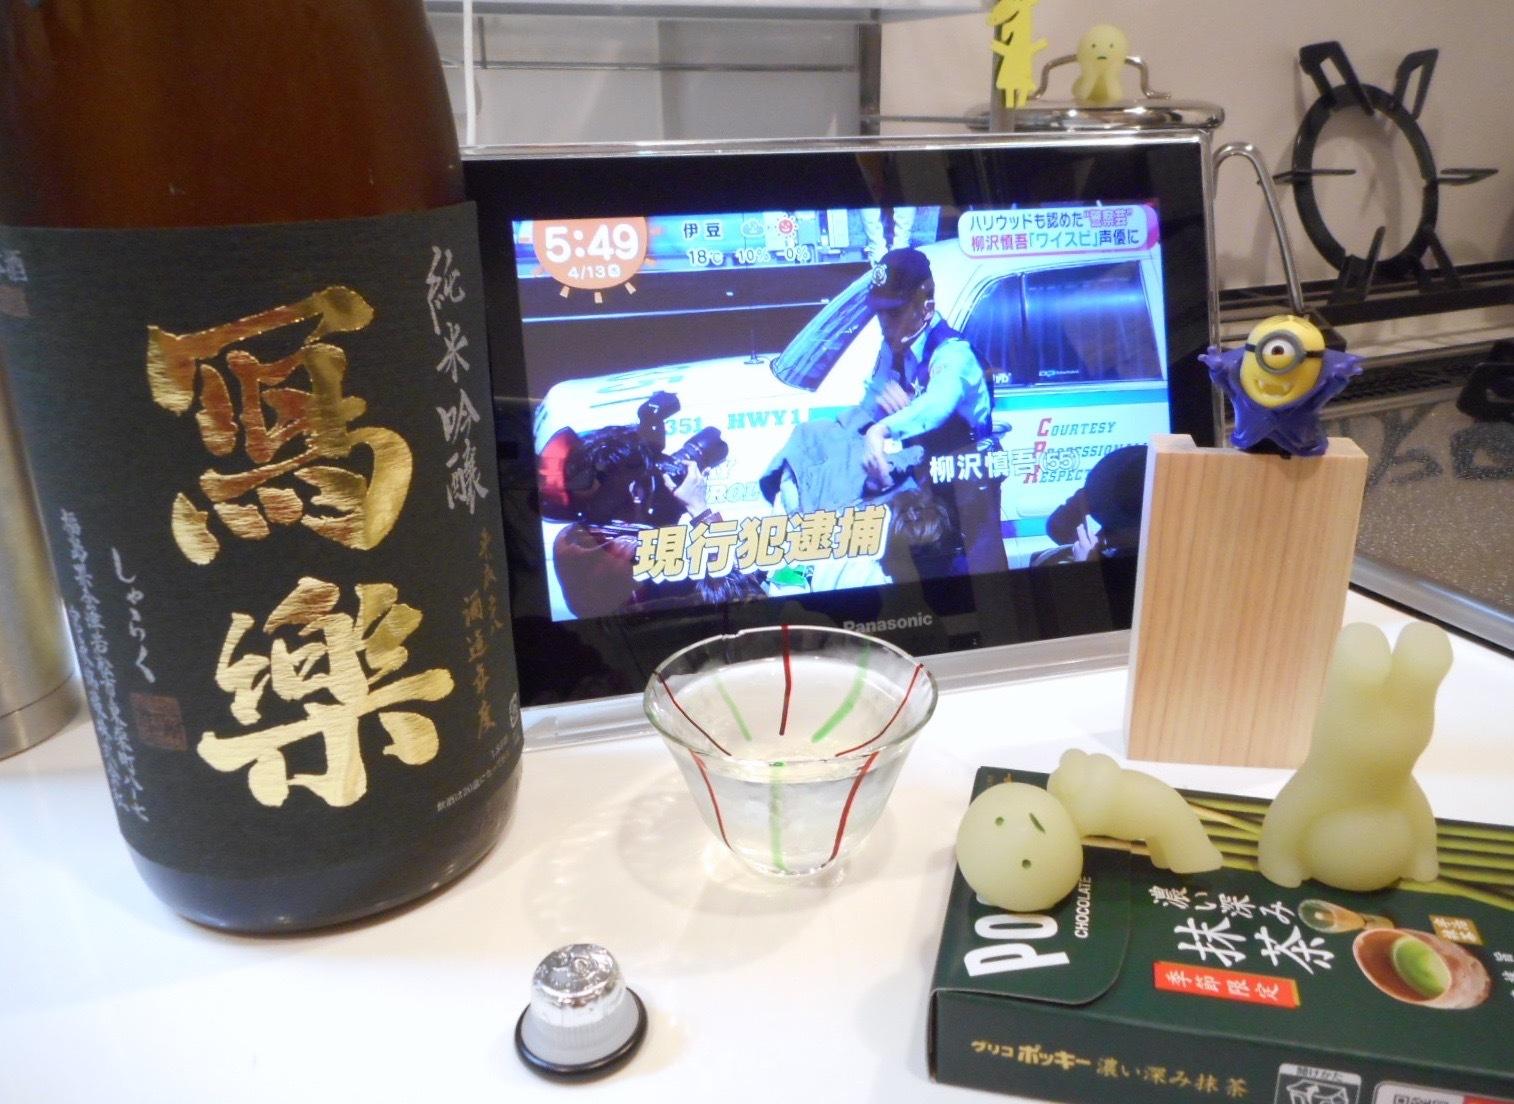 sharaku_yamada50nama28by5.jpg